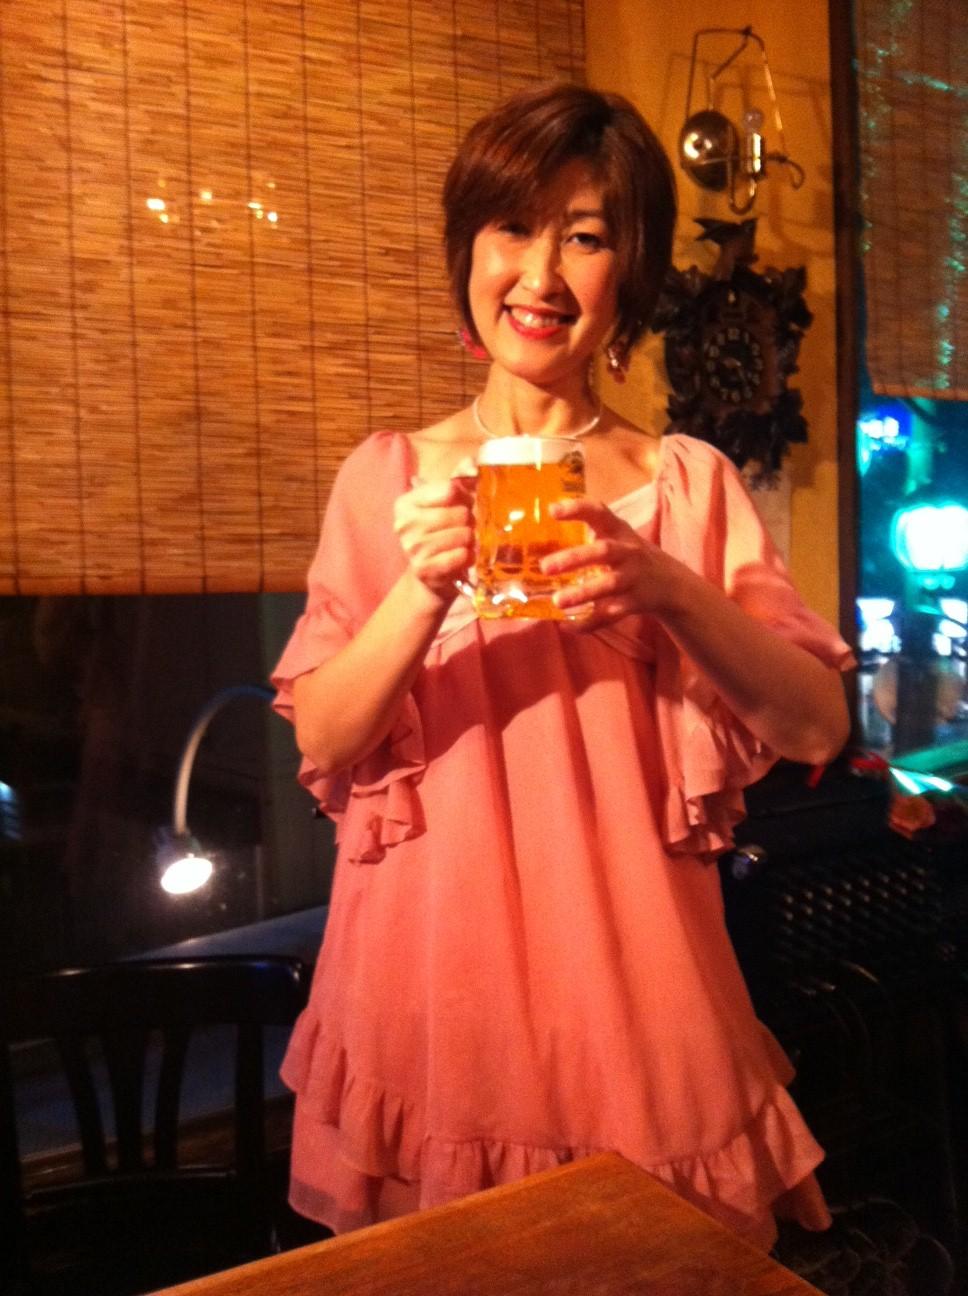 3月25日のその②.芽亜利・Jさん宿河原ポトス、ライブレポート。♪♪☆_a0112393_15153377.jpg